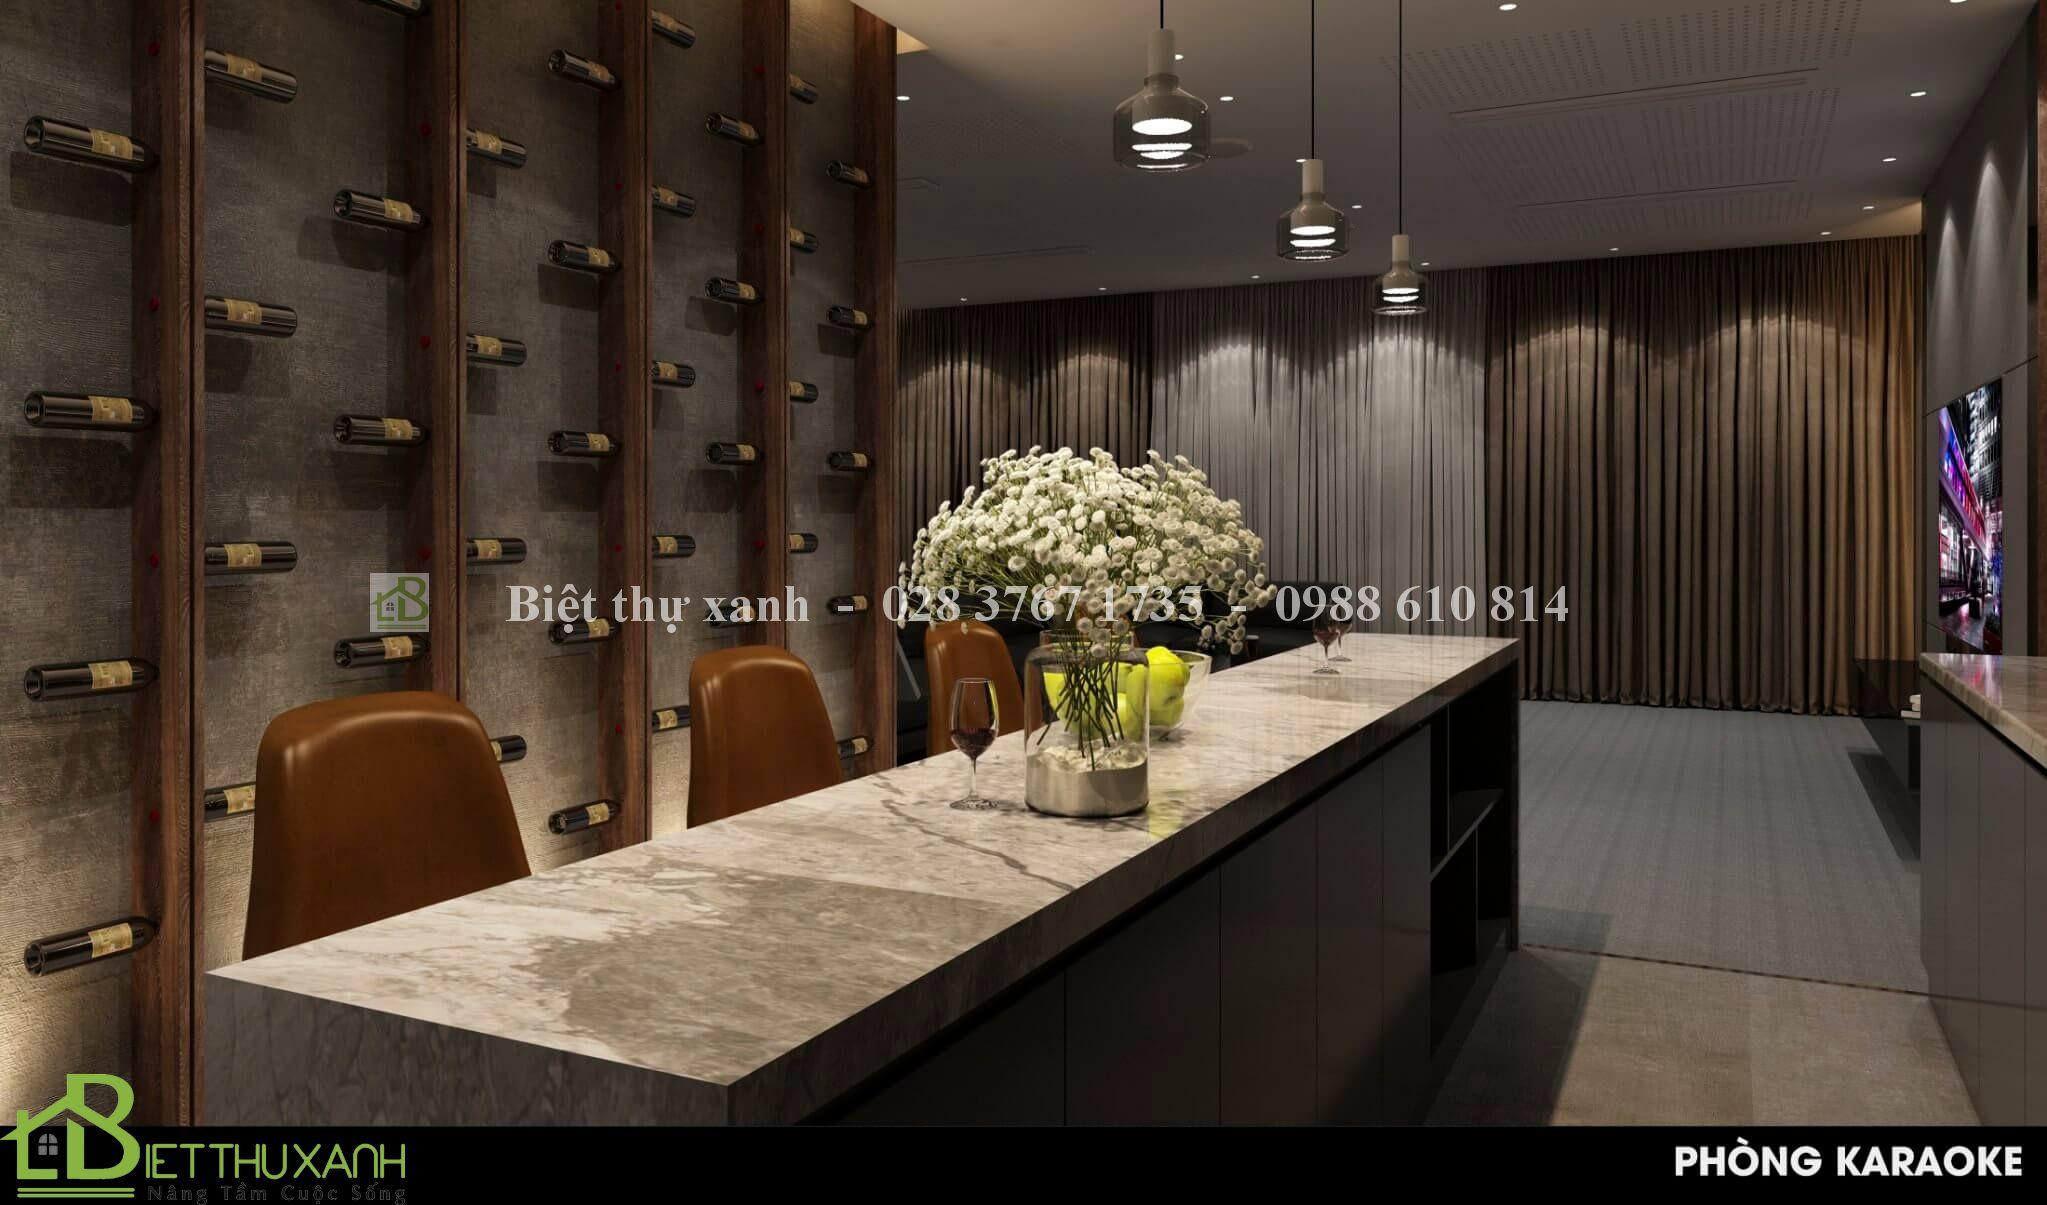 Thiet Ke Phong Giai Tri Trong Mau Biet Thu Tan Co Dien 4- biệt thự 1 trệt 2 lầu mái thái